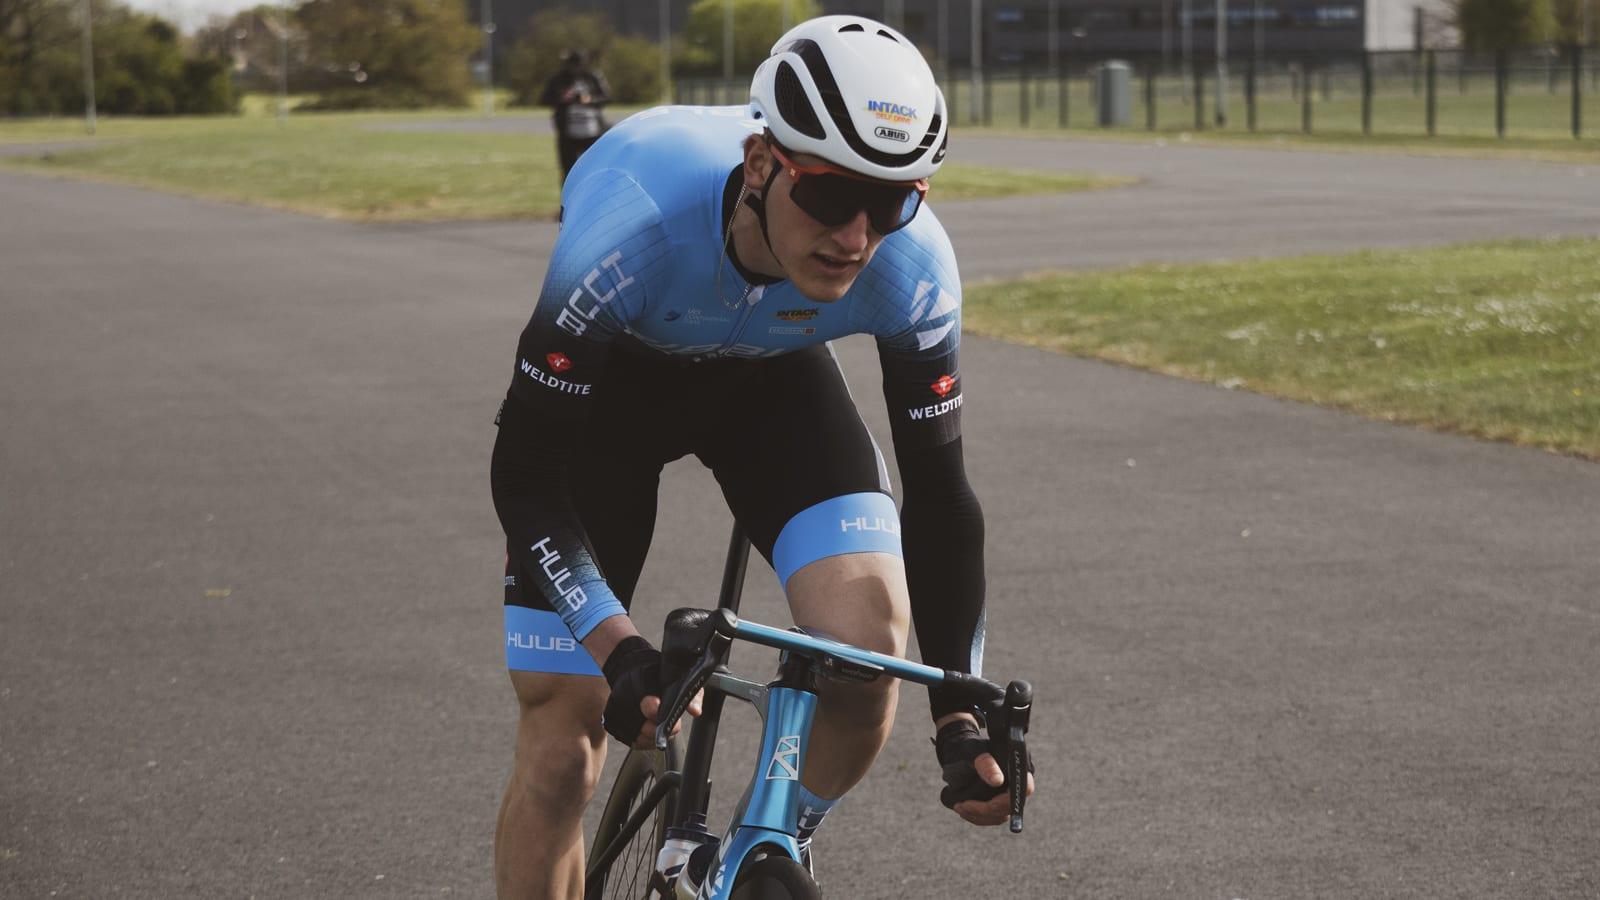 Freddie Scheske Tour of Britain